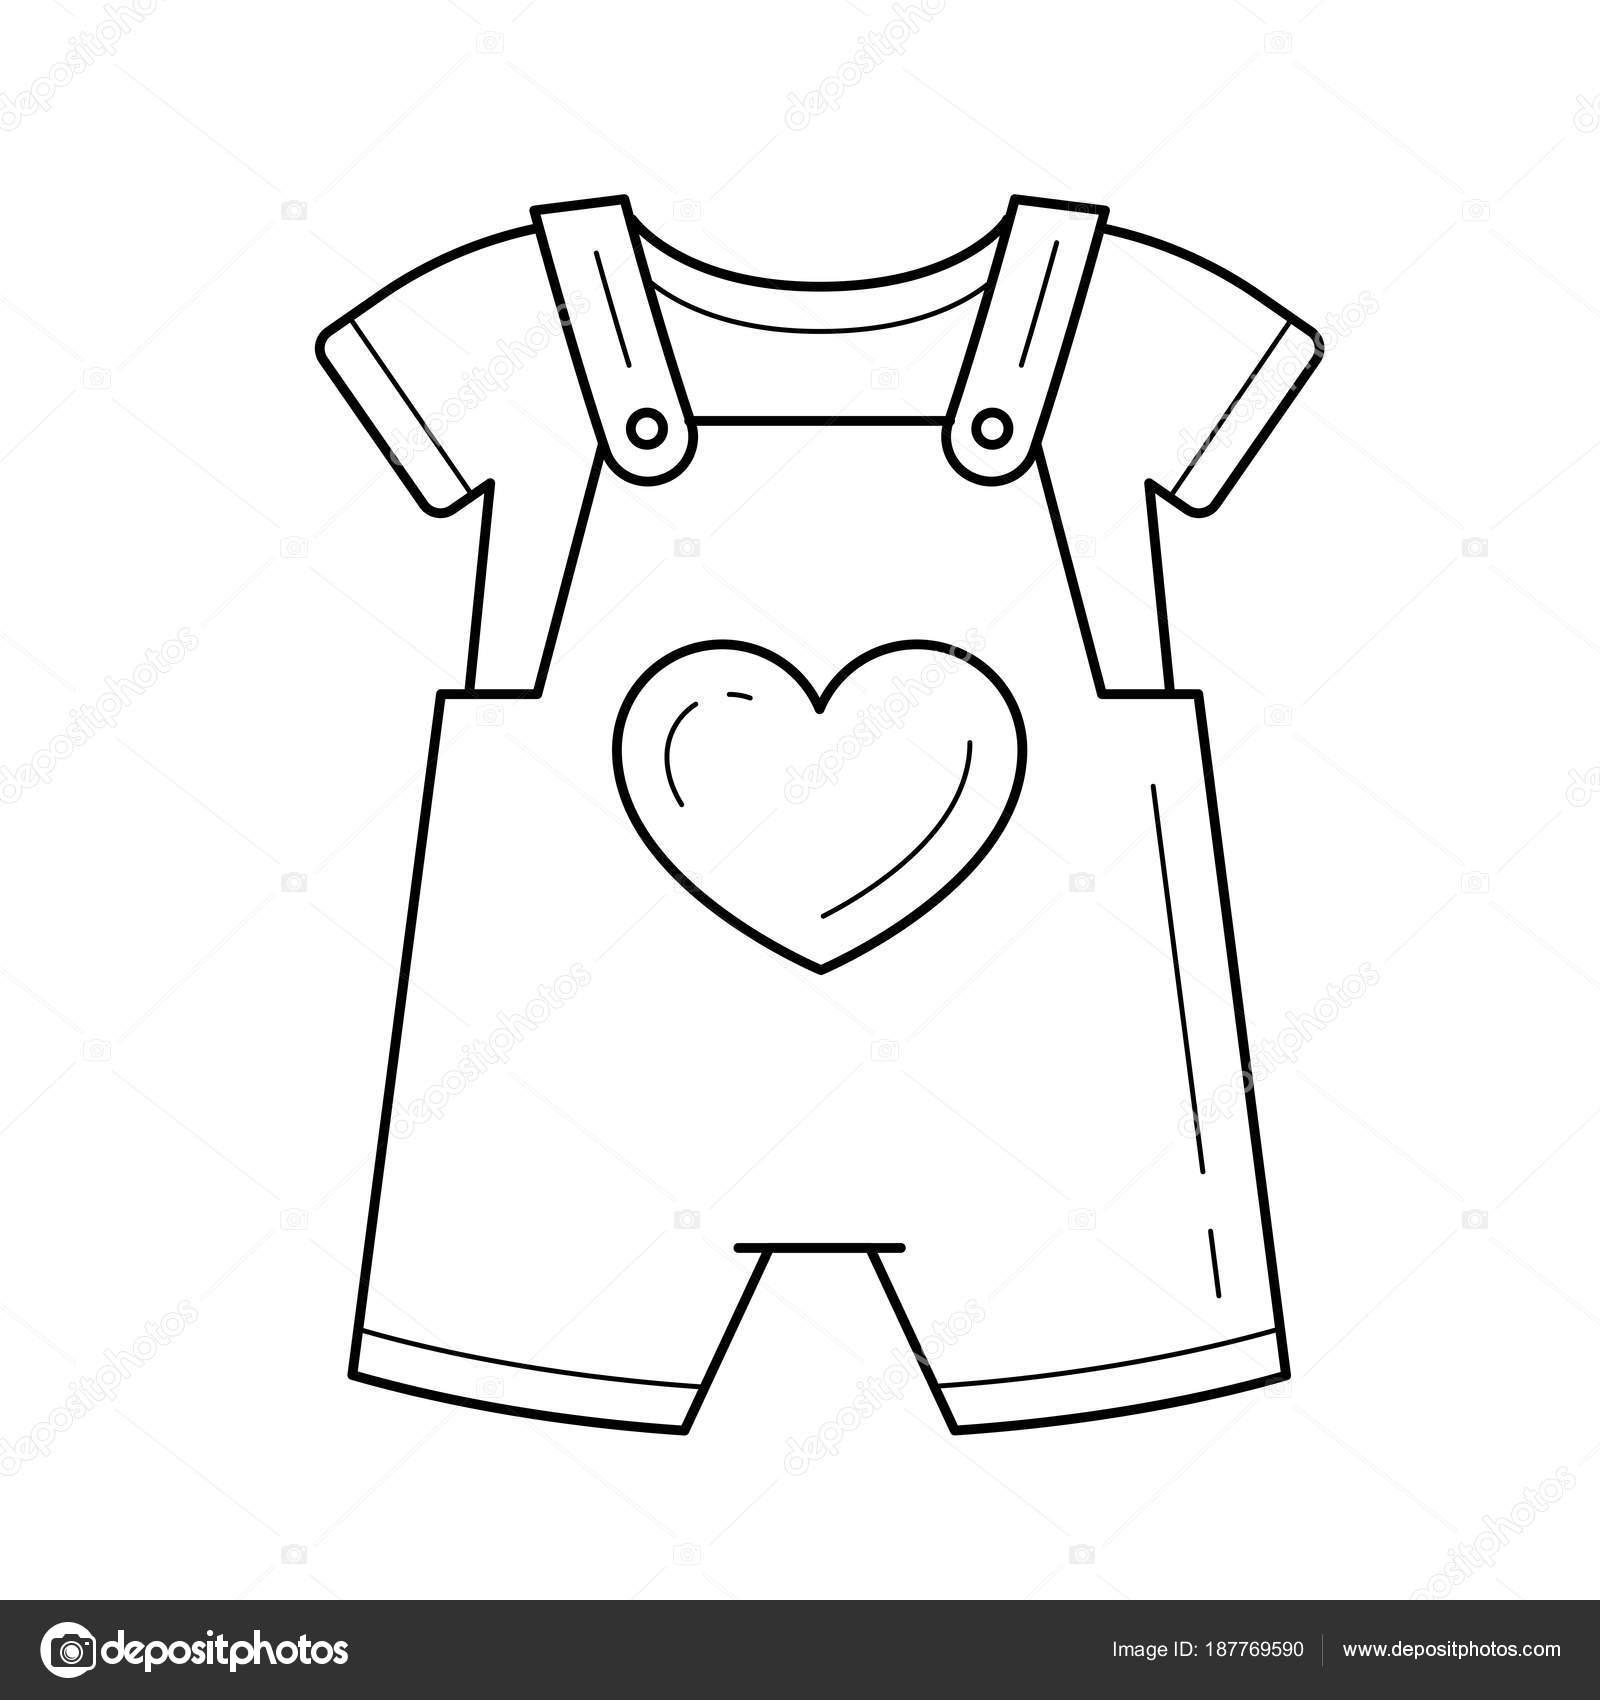 dibujos de ropa de bebe para colorear bebes para colorear pintar e imprimir dibujos para colorear de de bebe ropa